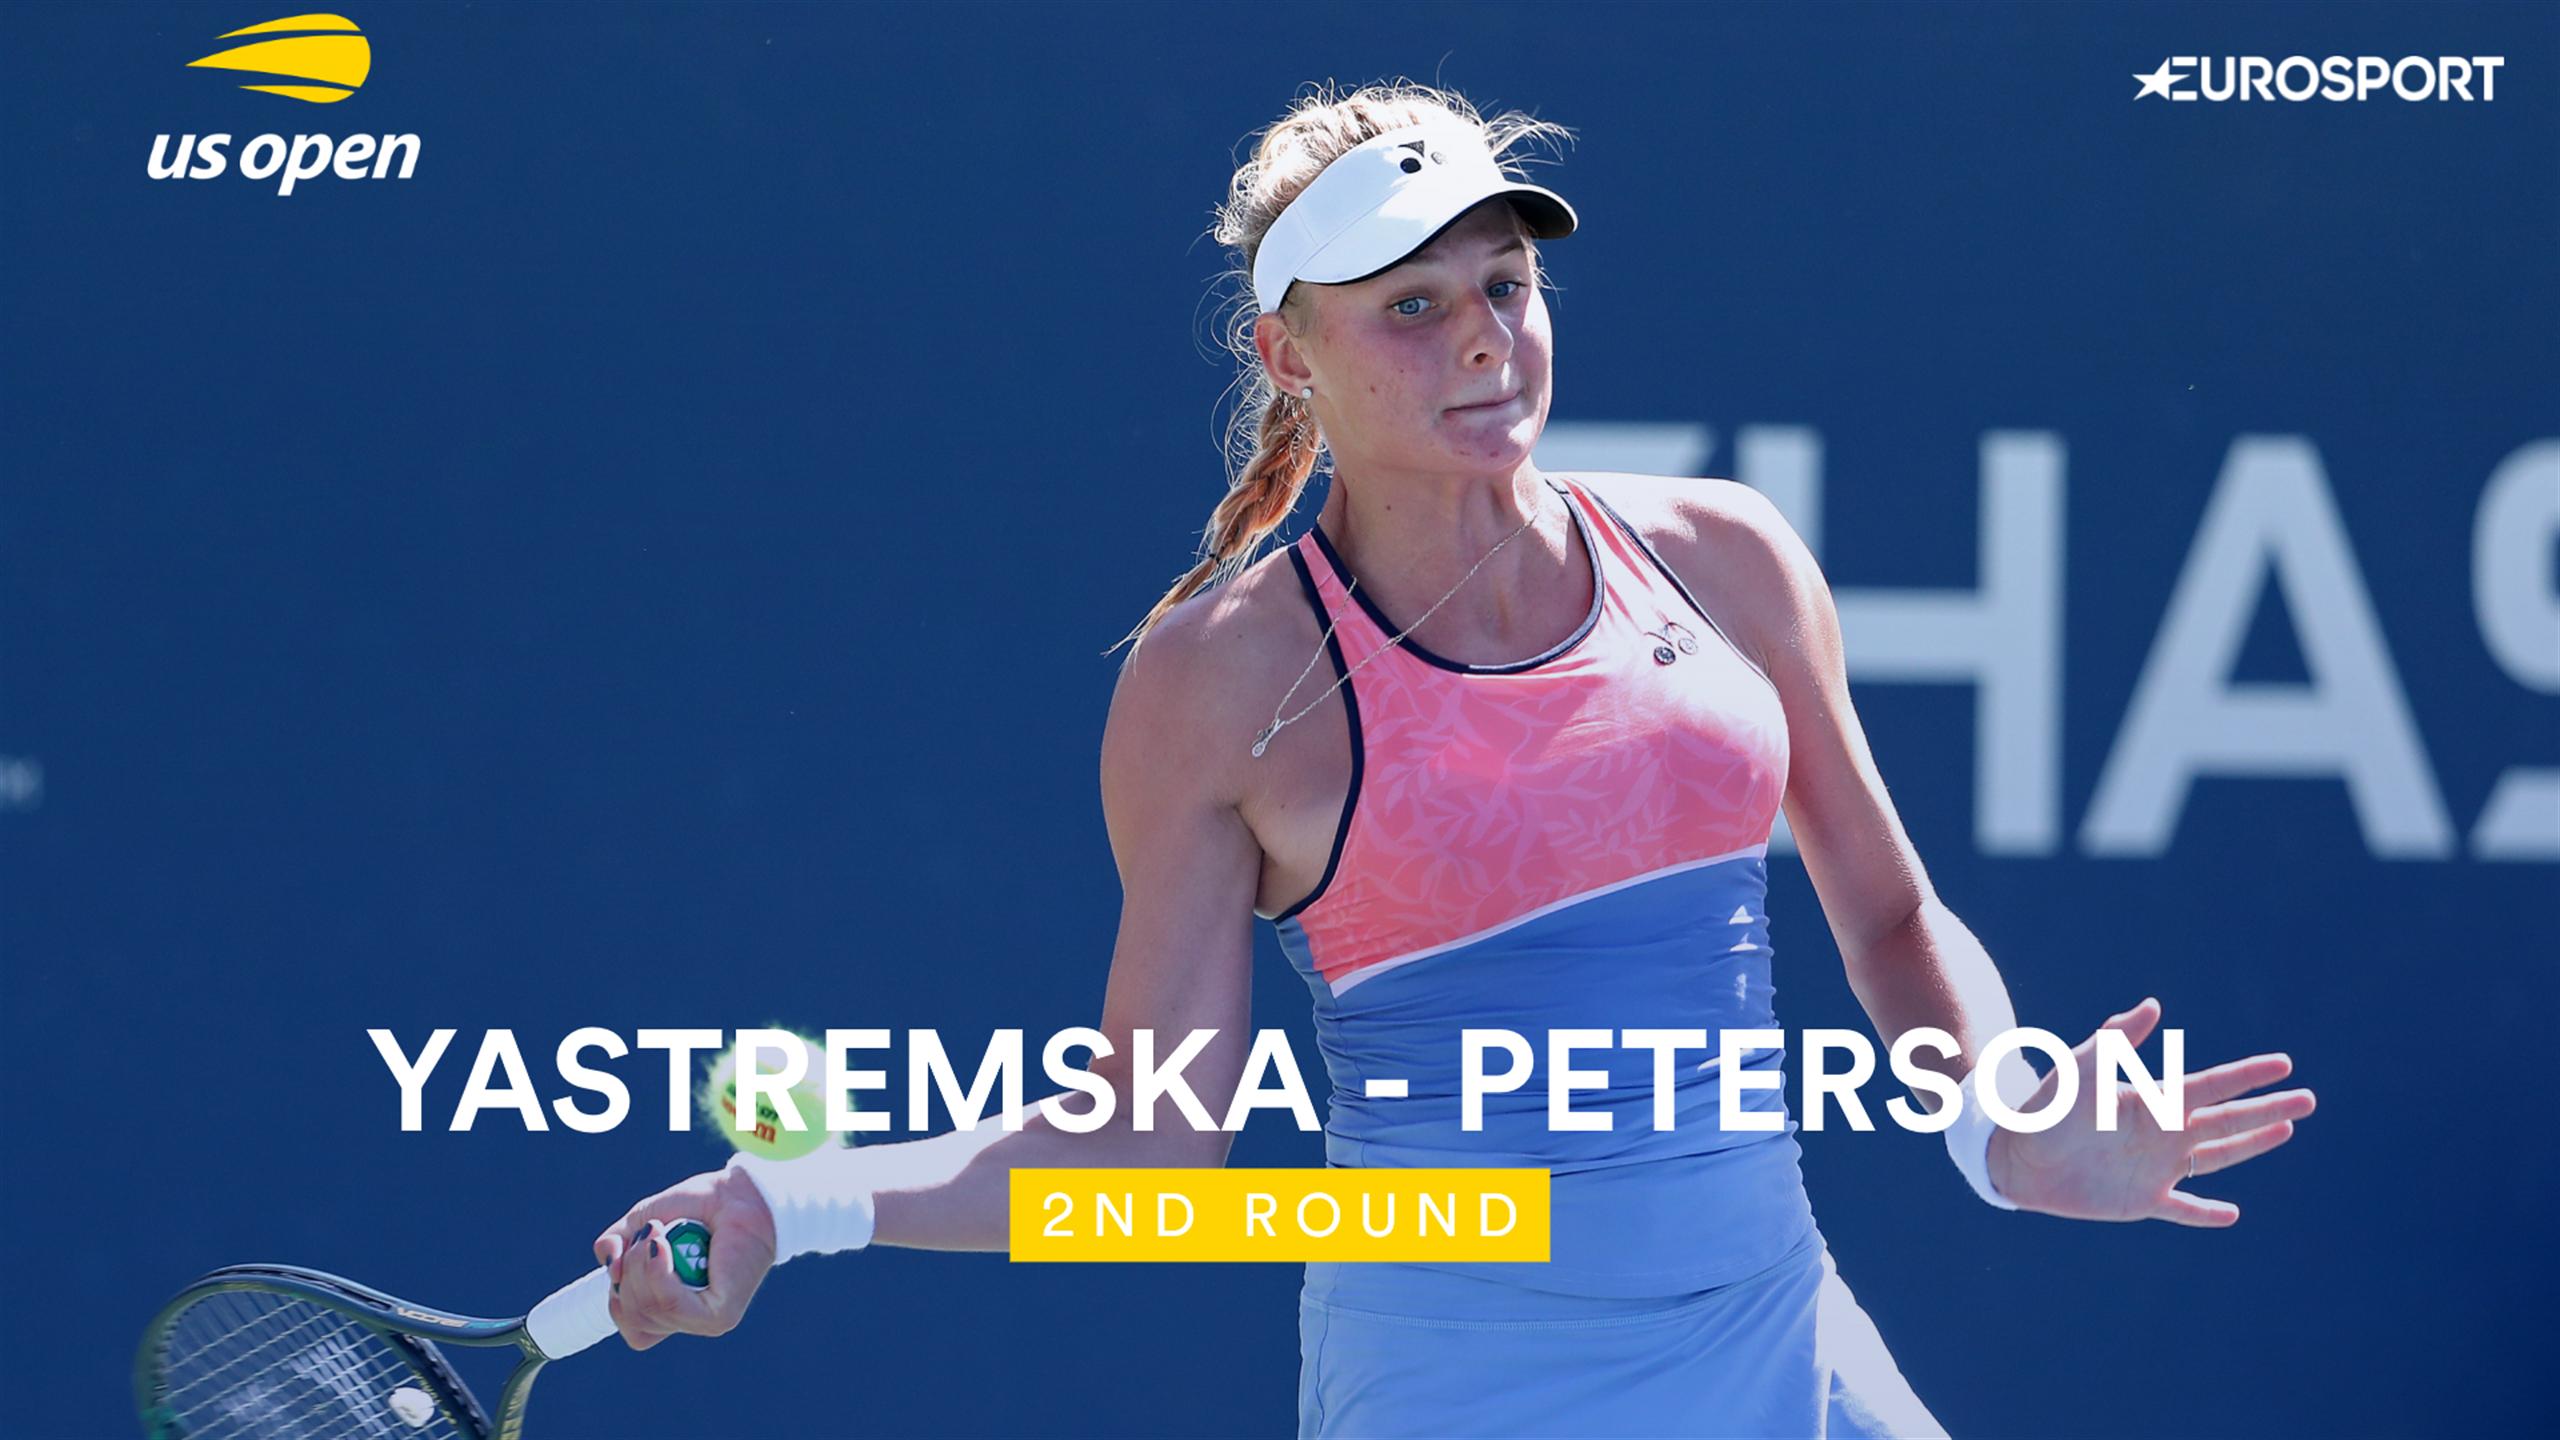 Обзор матча Даяна Ястремская - Ребекка Петерсон на US Open (ВИДЕО)